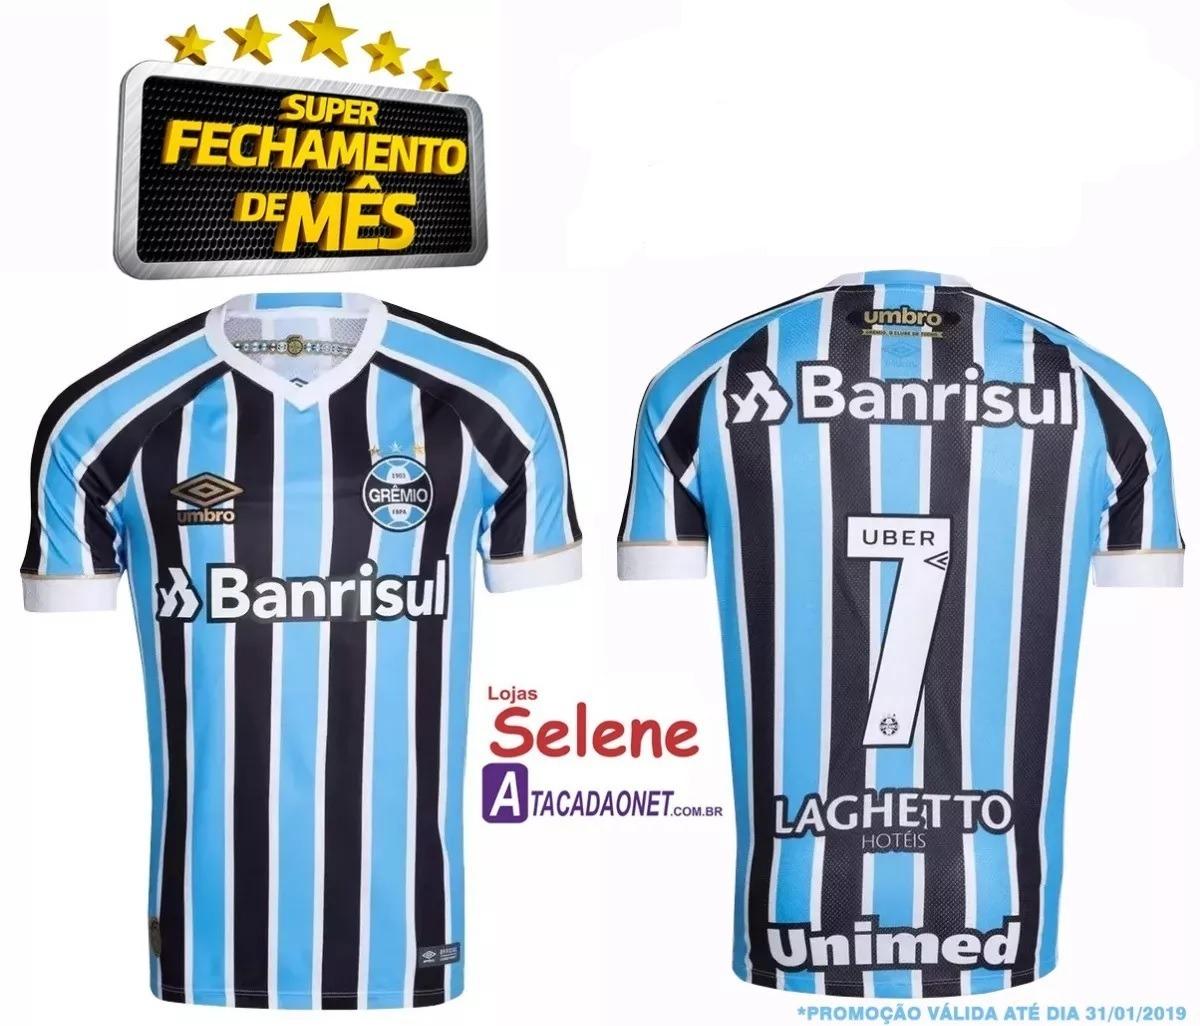 53bf2d784 Camiseta Masculina Grêmio Umbro Oficial I 2018 19 Com Número - R ...